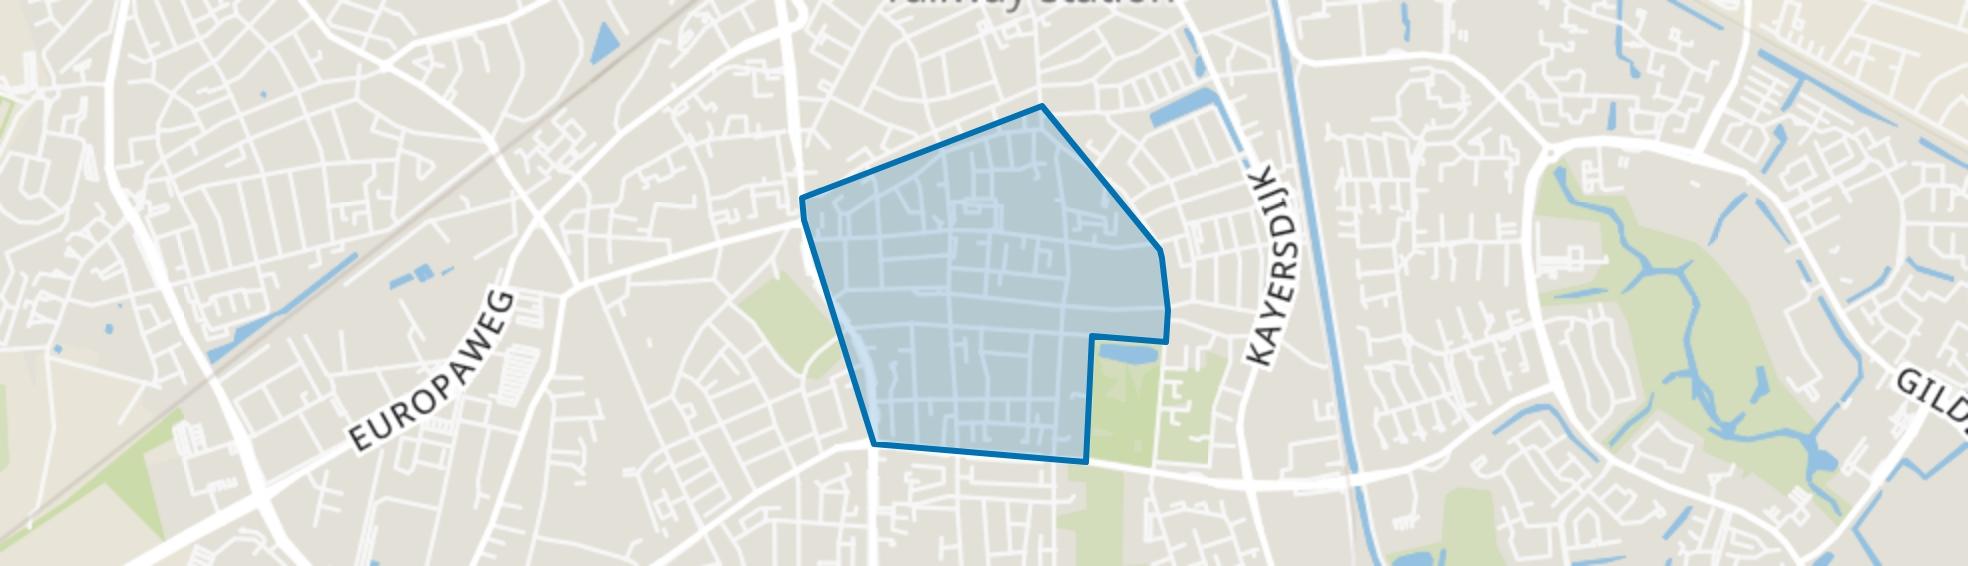 Vogelkwartier, Apeldoorn map